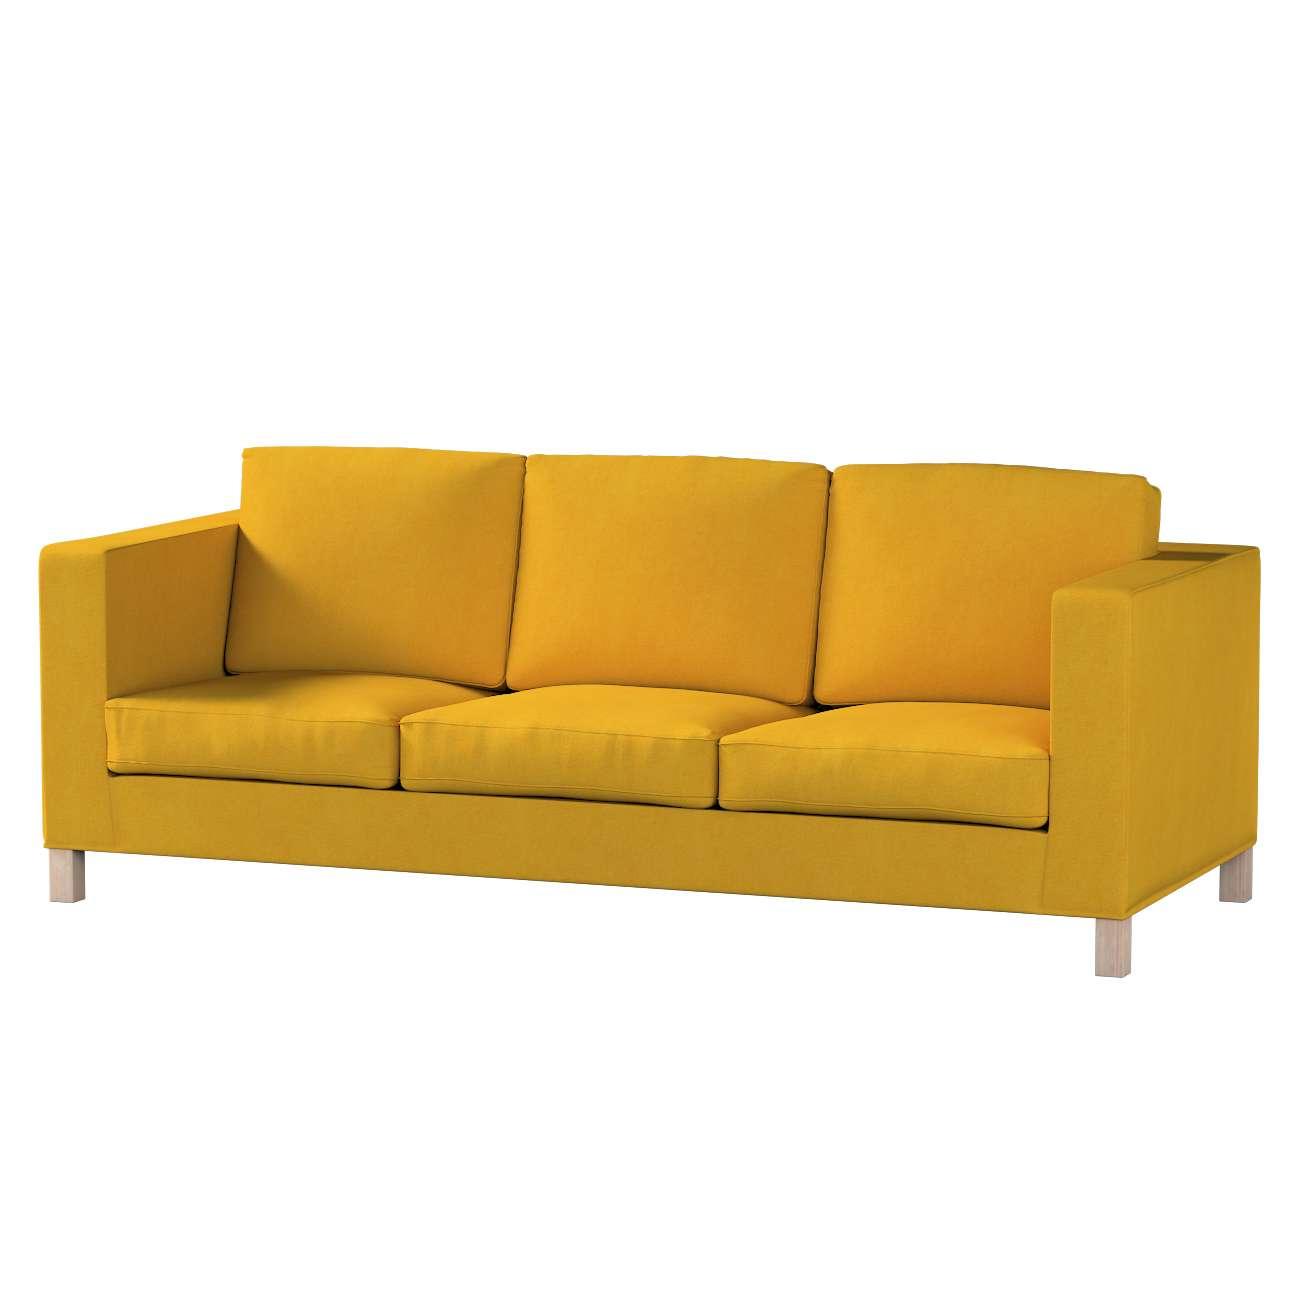 Karlanda 3-Sitzer  Sofabezug nicht ausklappbar kurz Karlanda 3-Sitzer, kurz von der Kollektion Etna, Stoff: 705-04